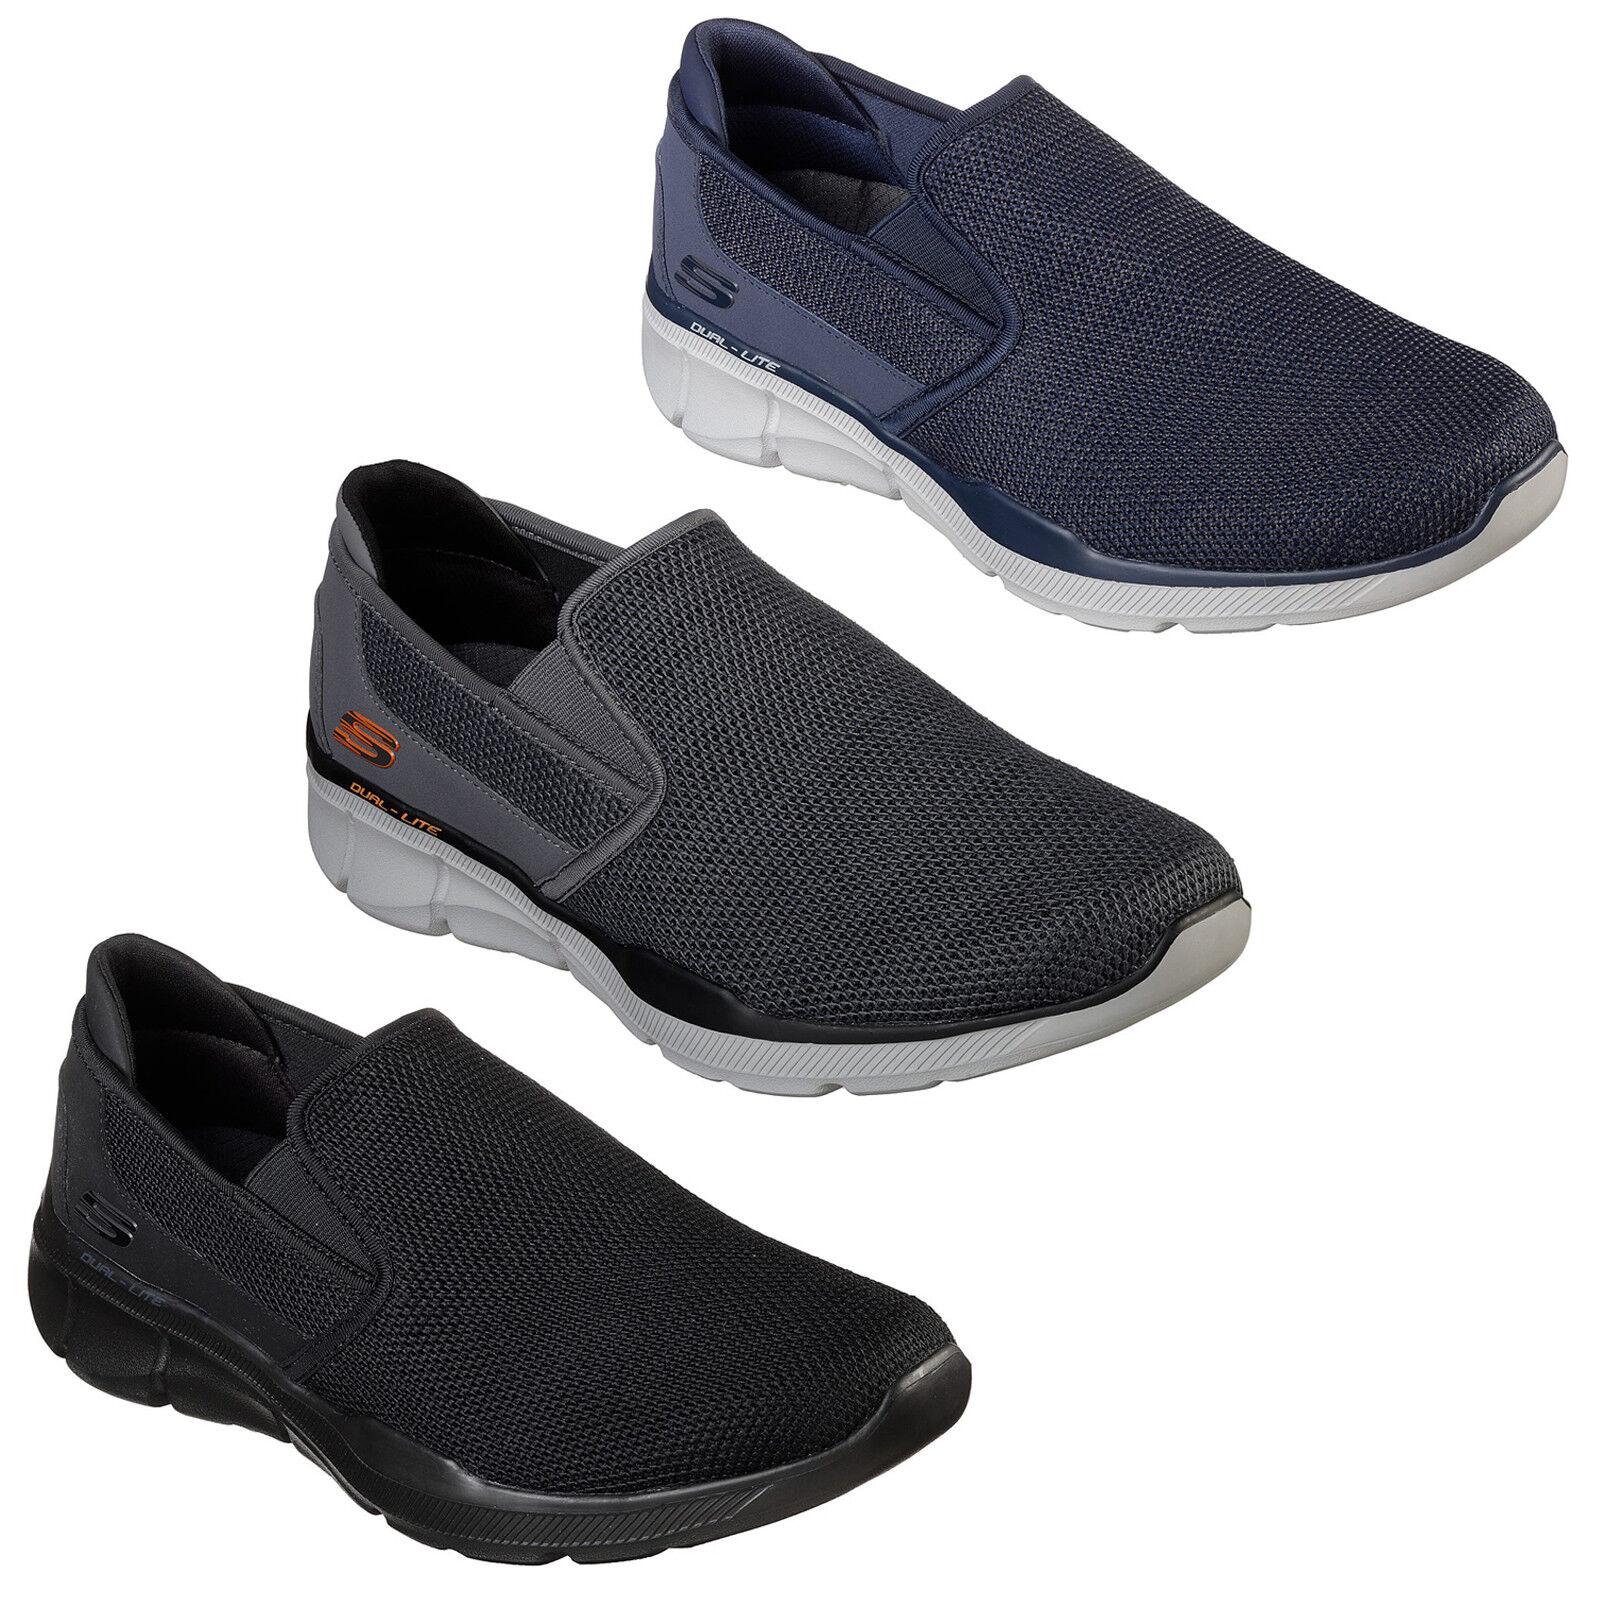 Détails sur Skechers Equalizer 3.0 sumnin Baskets Homme Memory Foam Chaussures de marche 52937 afficher le titre d'origine